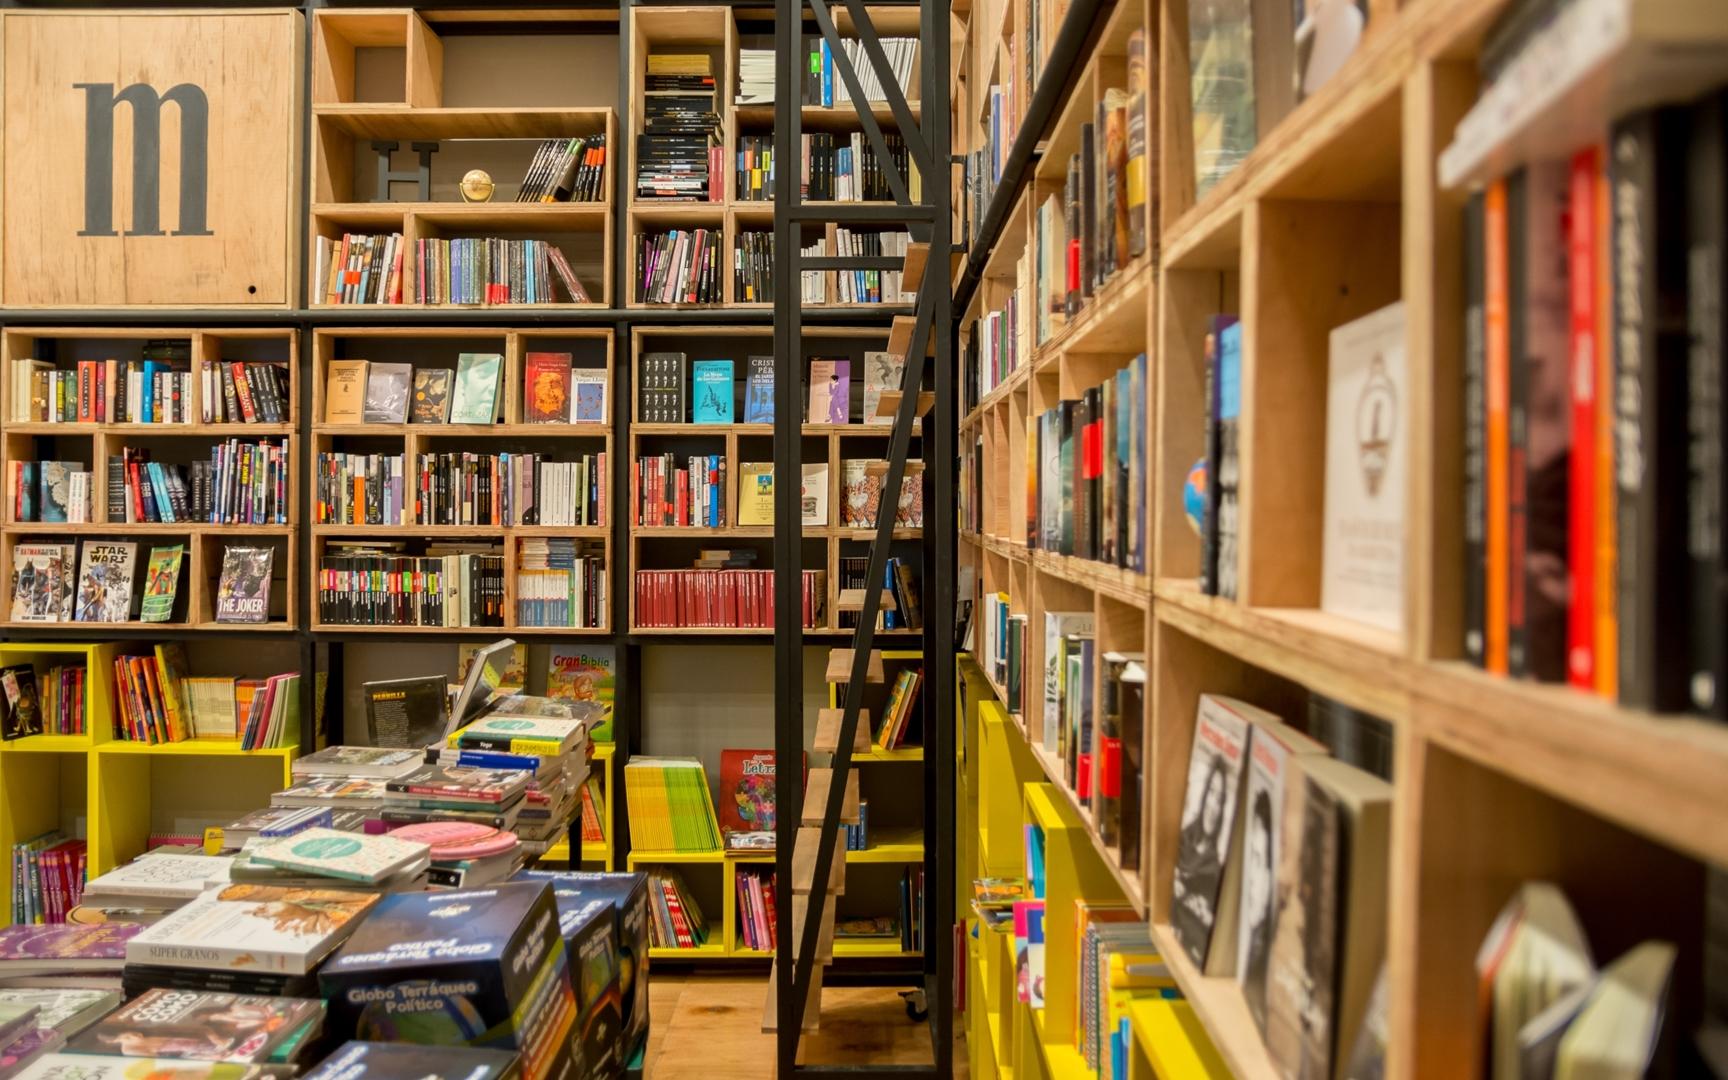 230517  -  Libreria Quade ph G Viramonte-6155 (Copy)